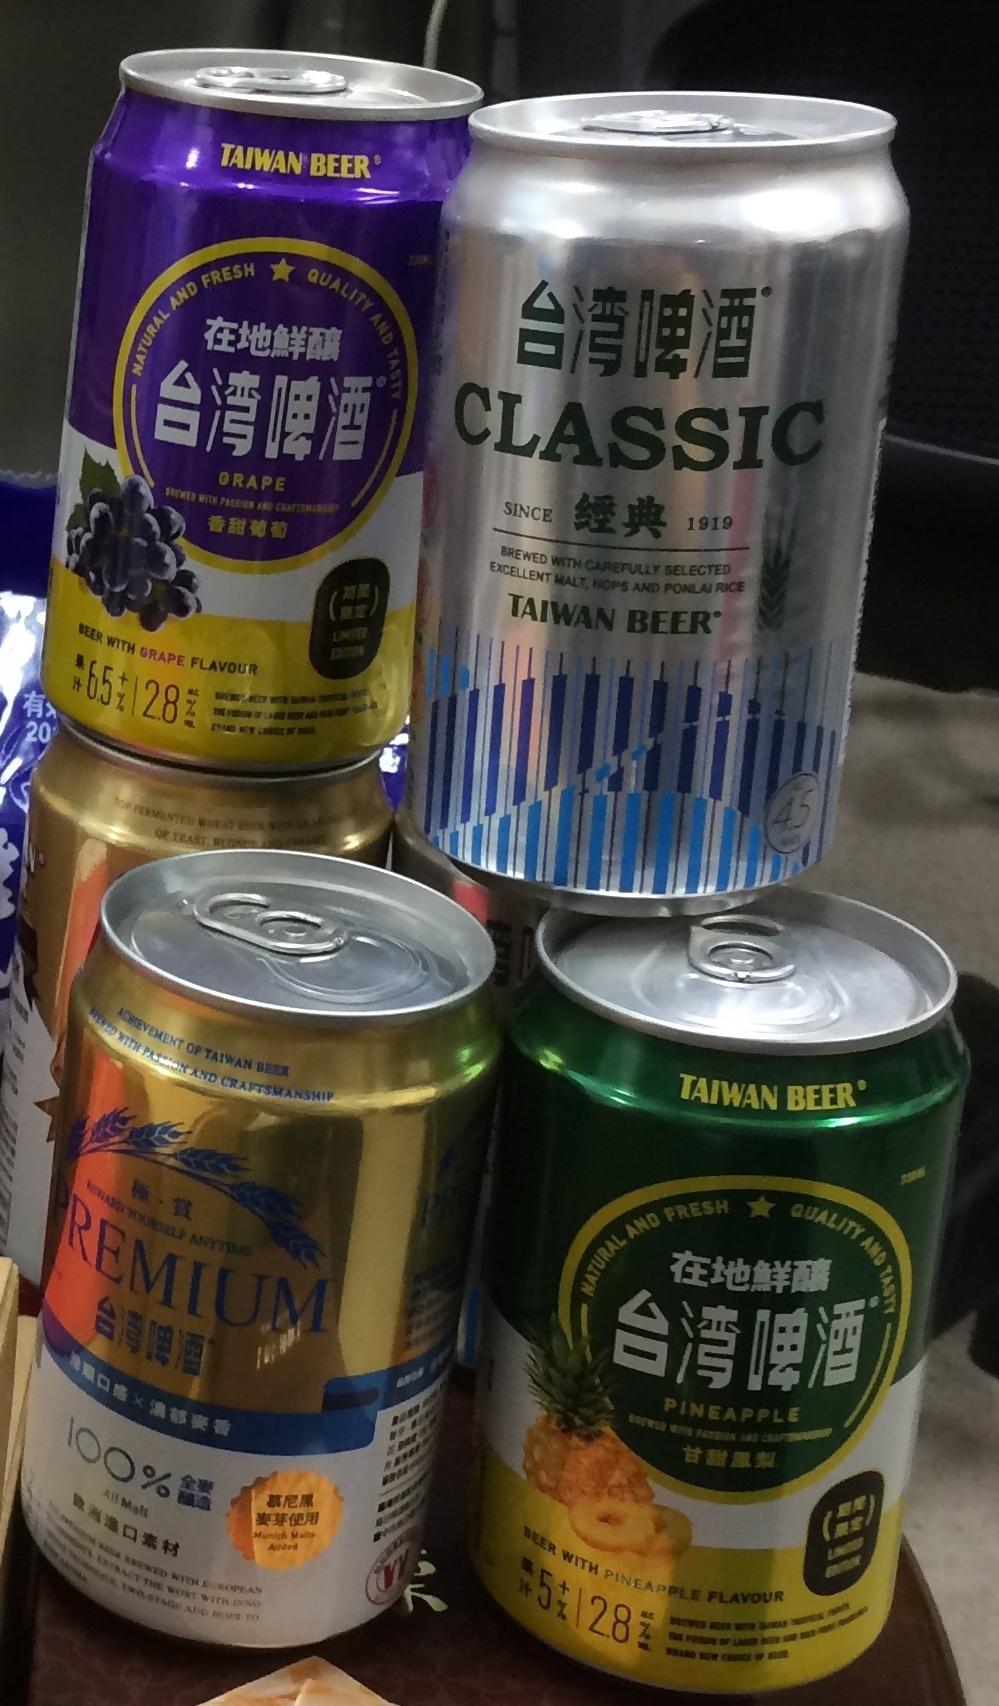 桃園空港で買った台湾ビール(クラシック、プレミアム、グレープ、パイナップル)